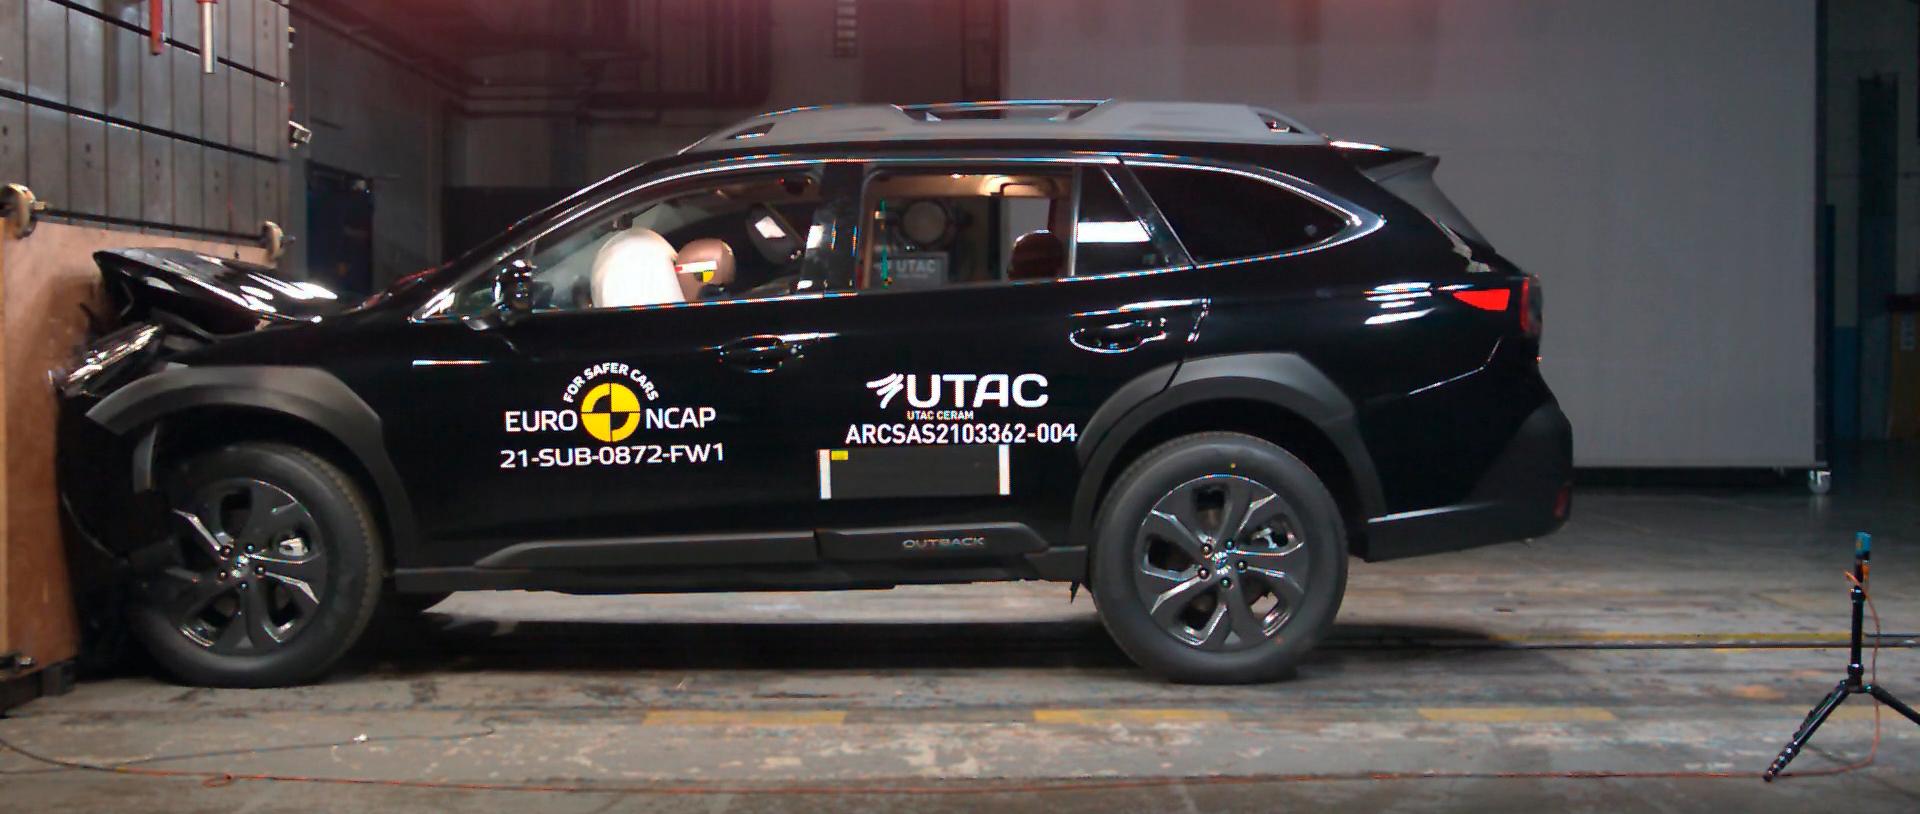 Nuevo Subaru Outback, coche más seguro 2021 según EuroNCAP